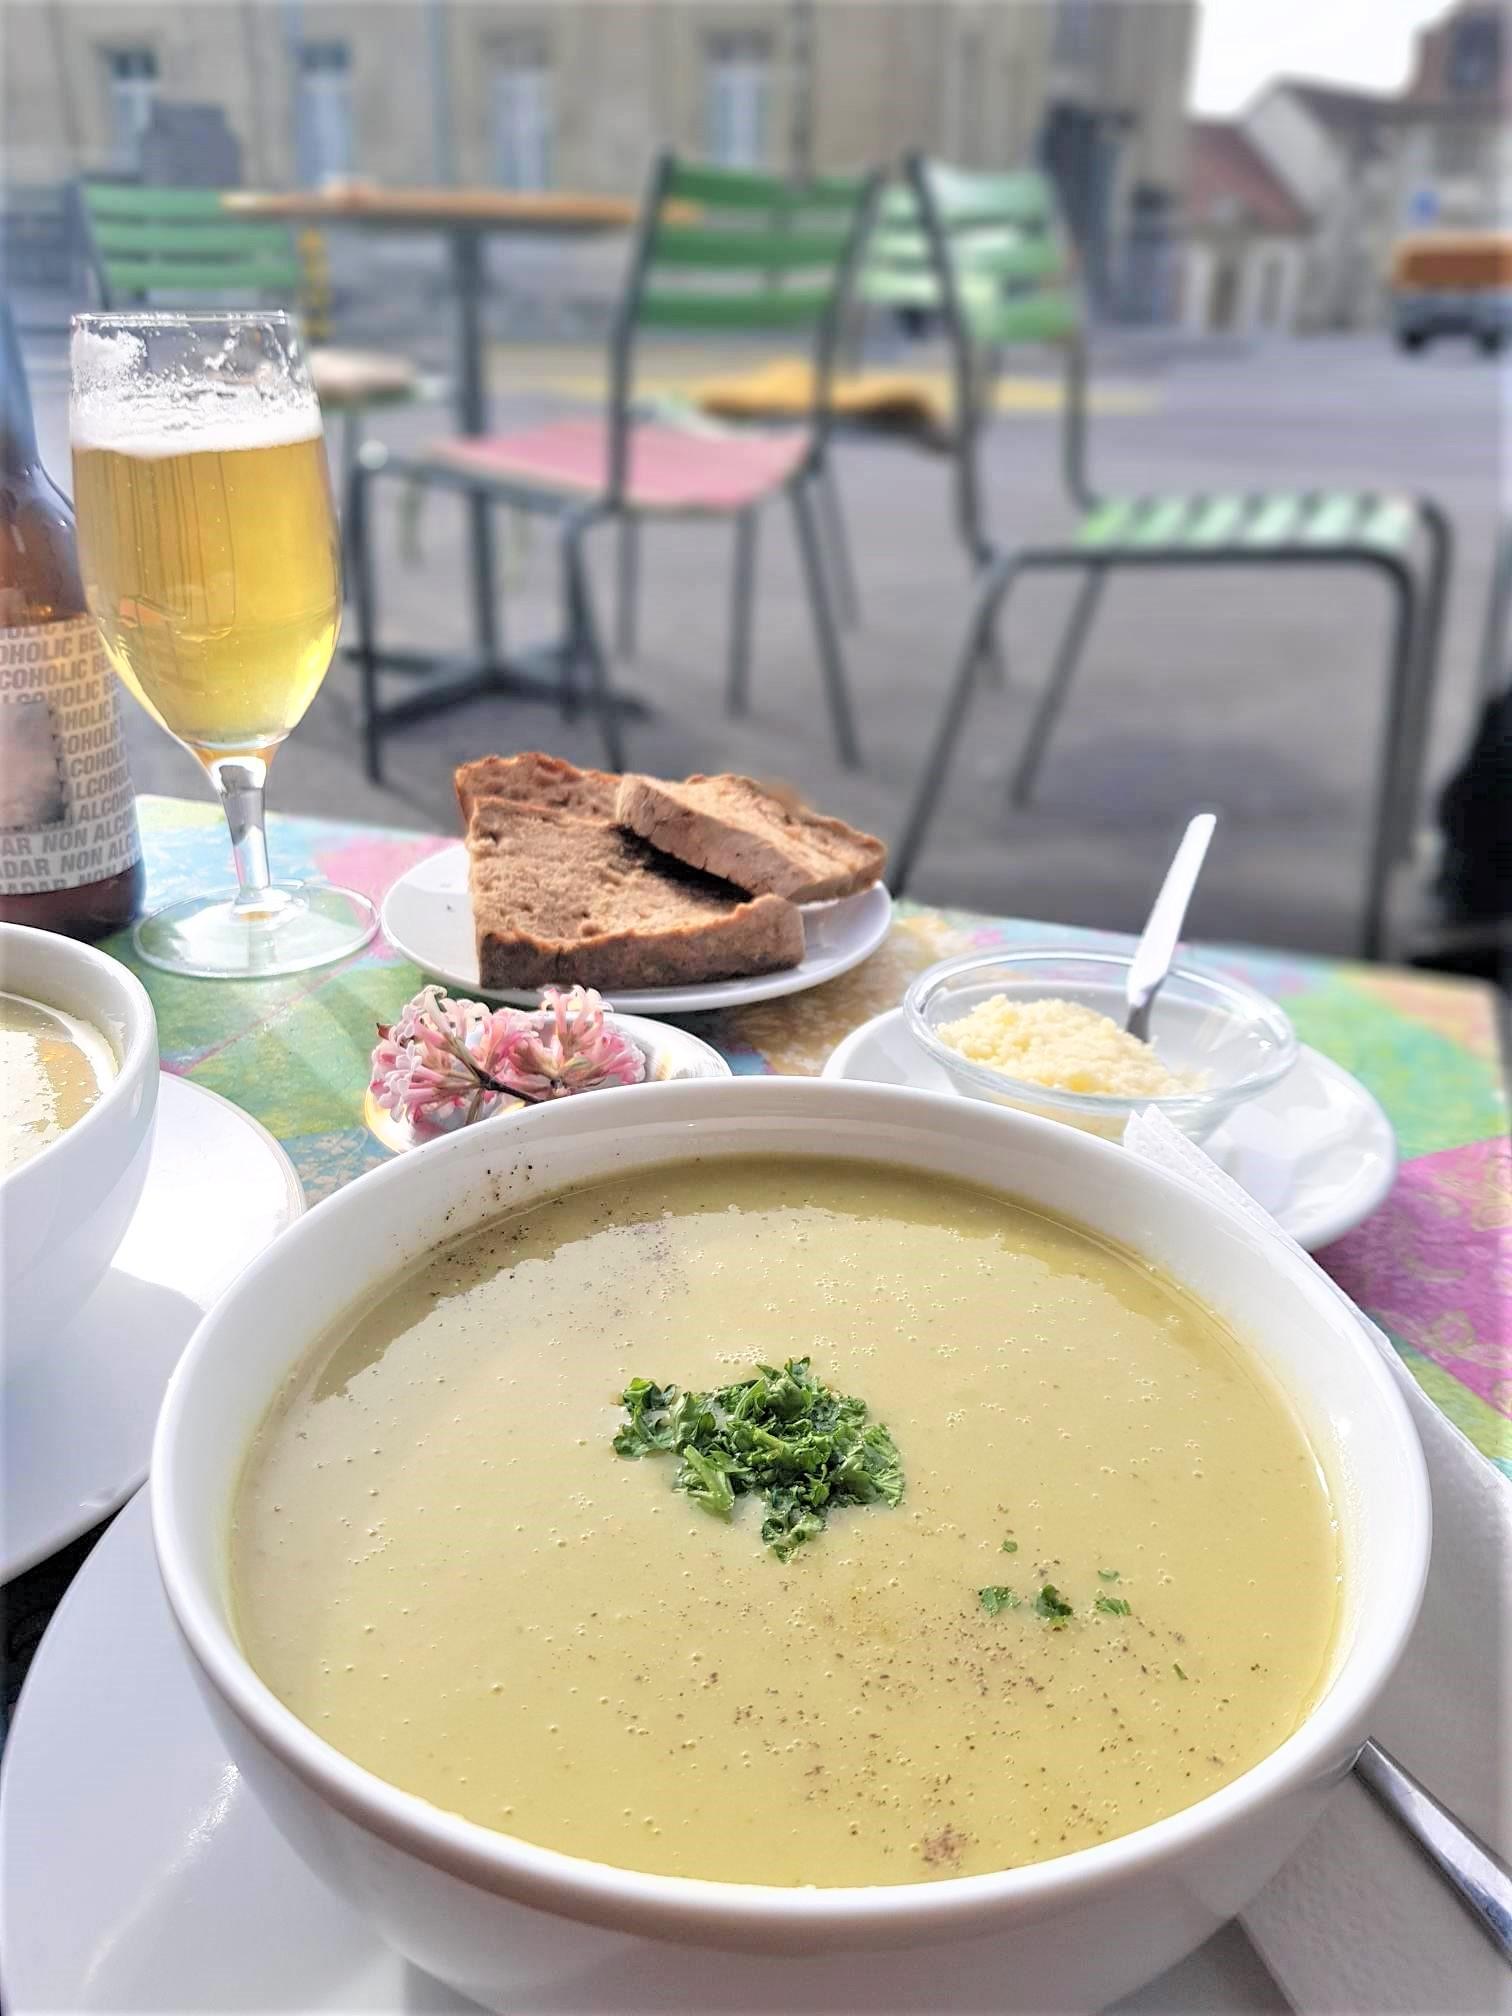 déjeuner-dans-la-vieille-ville-le-ptit-bar-clioandco-blog-voyage-lausanne-suisse-canton-de-vaud